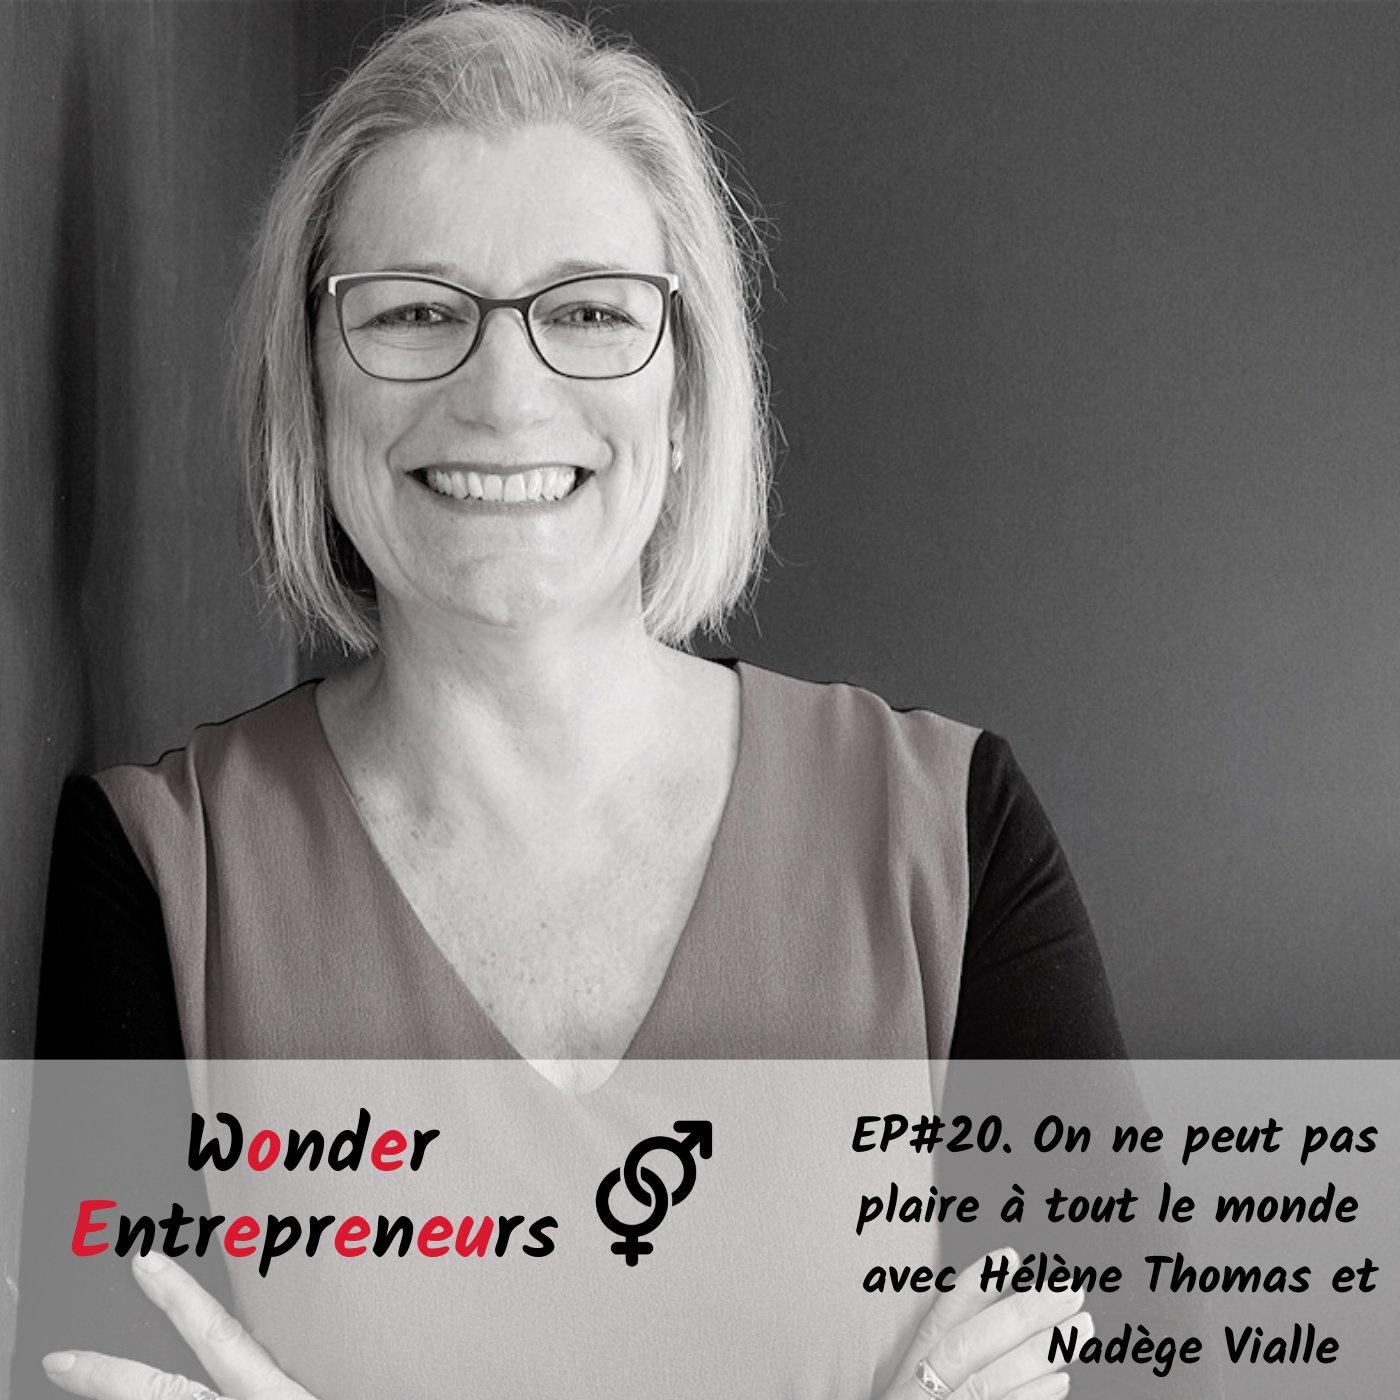 EP 20 Wonder entrepreneurs On ne peut pas plaire à tout le monde avec Helene Thomas et Nadege Vialle